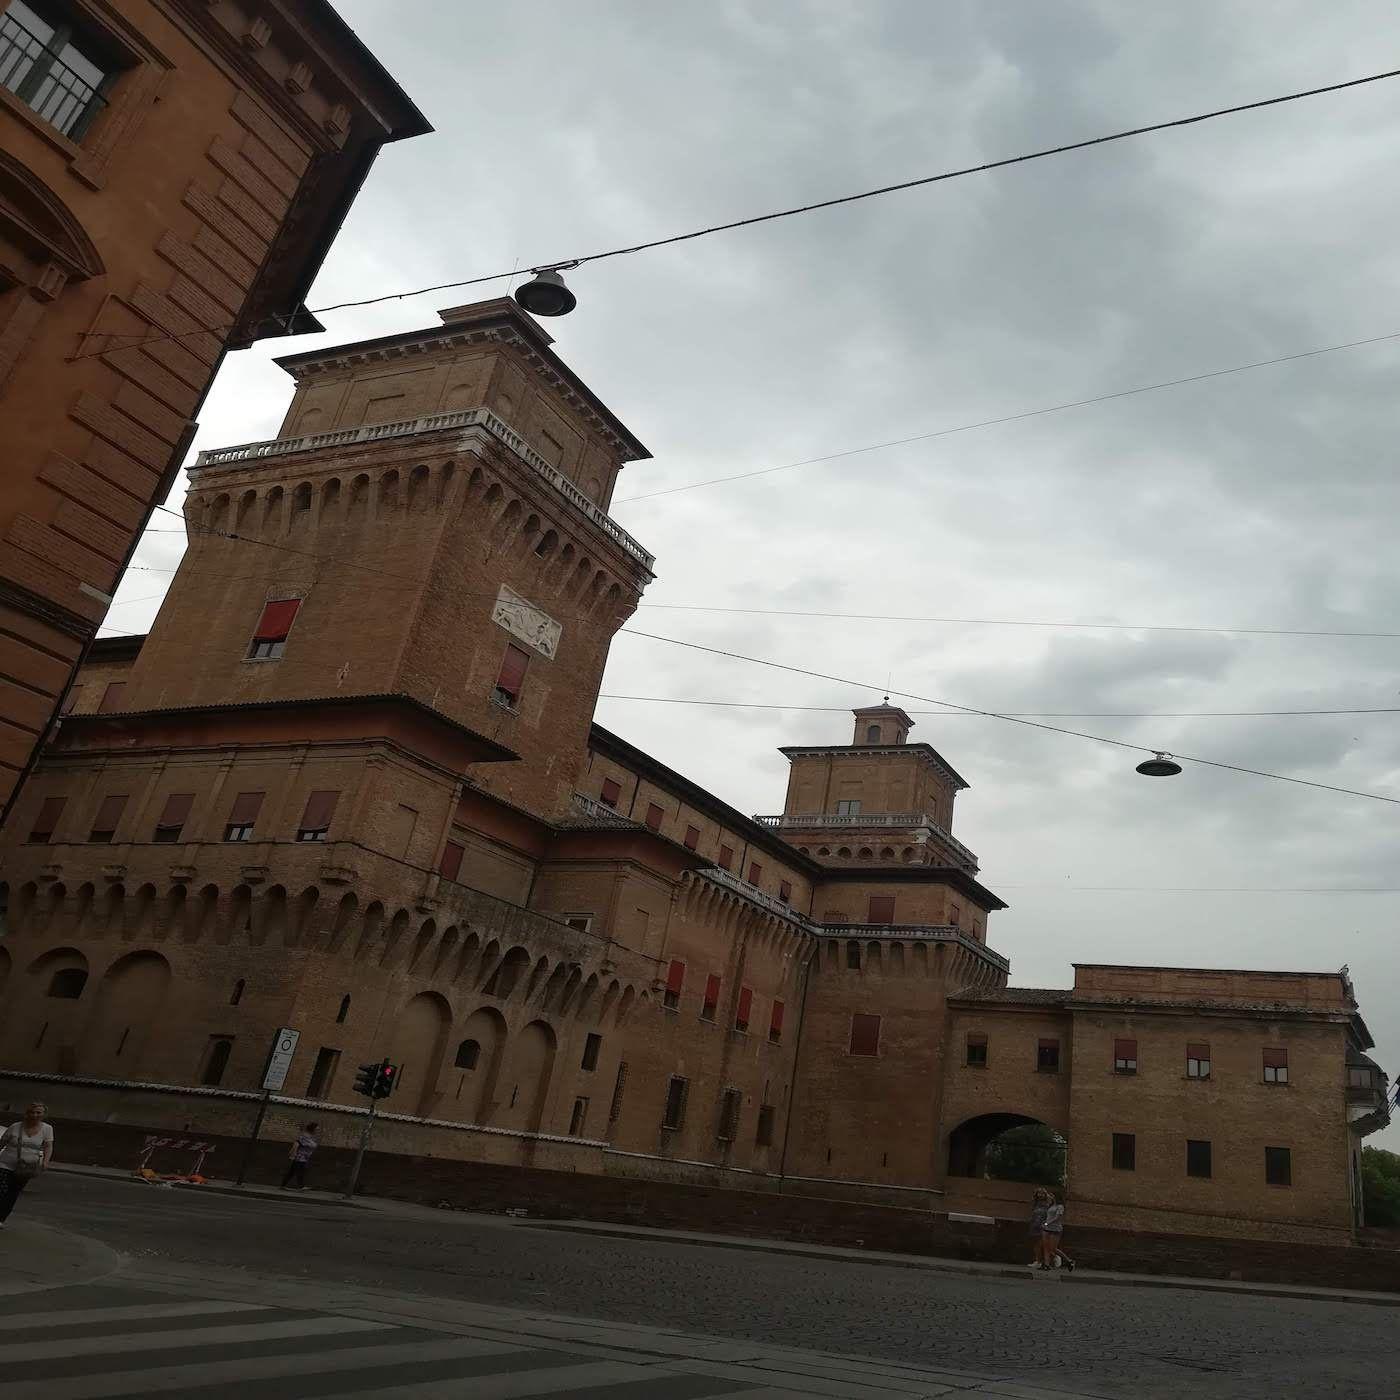 17 novembre 1570, terremoto a Ferrara - #AccadeOggi - s01e09